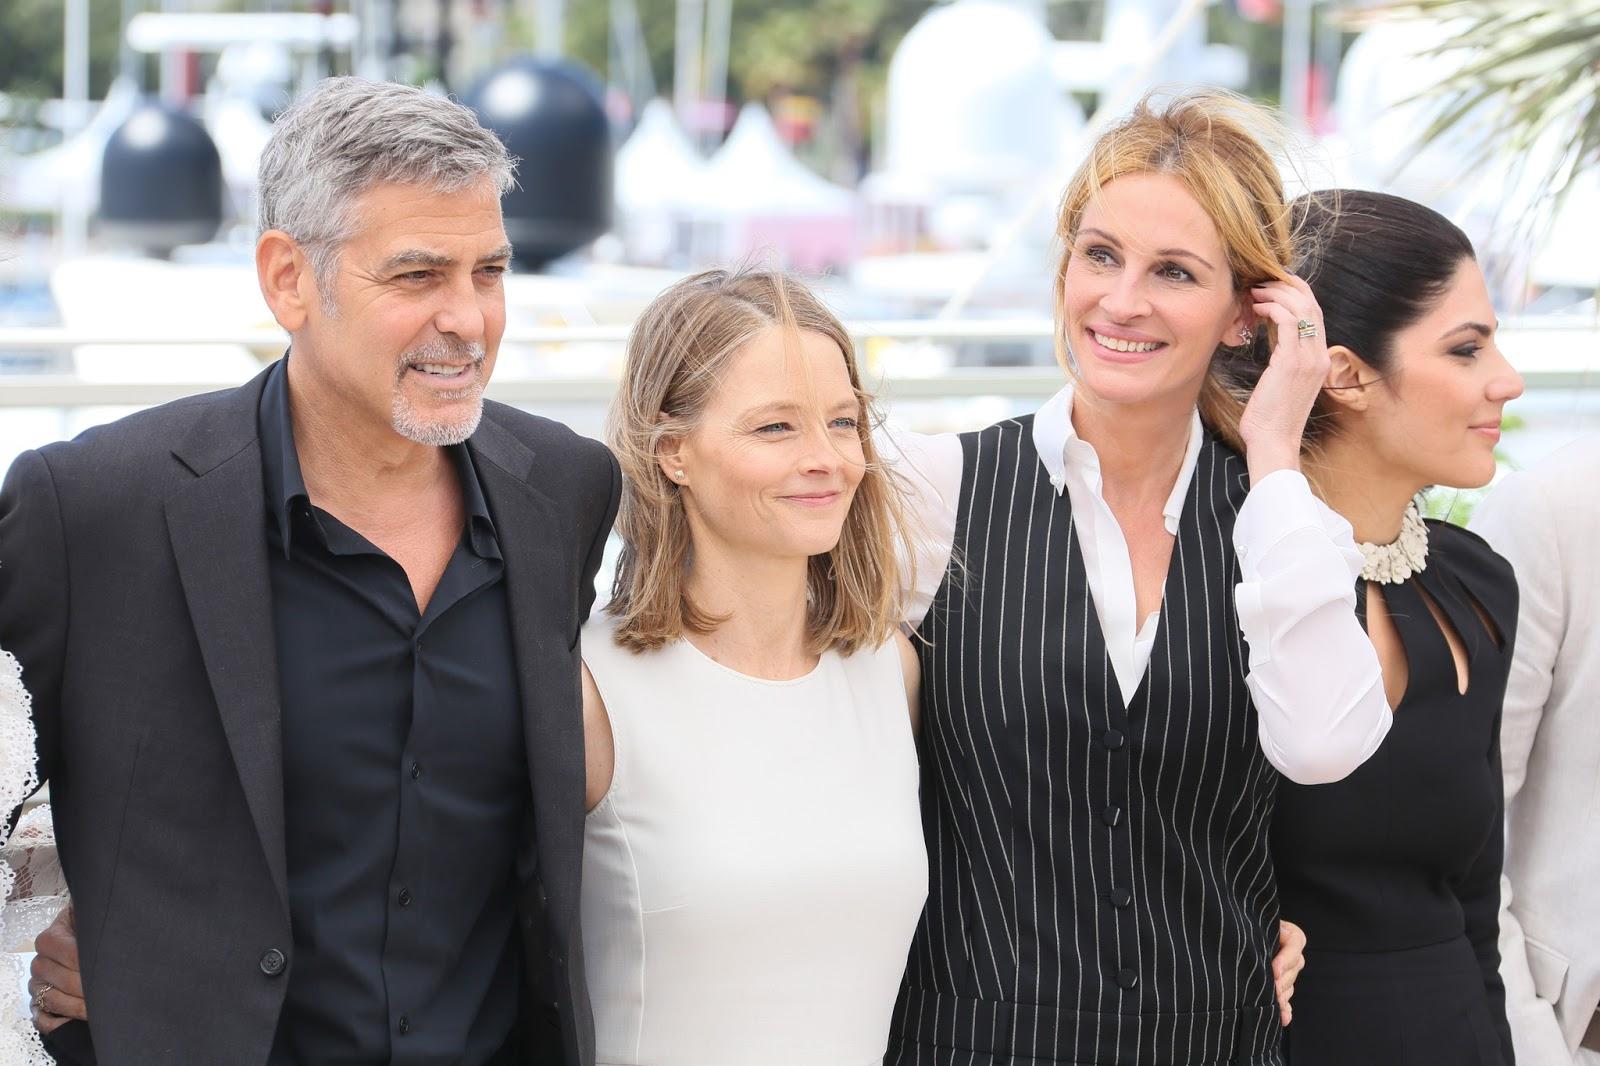 Directora Jodie Foster